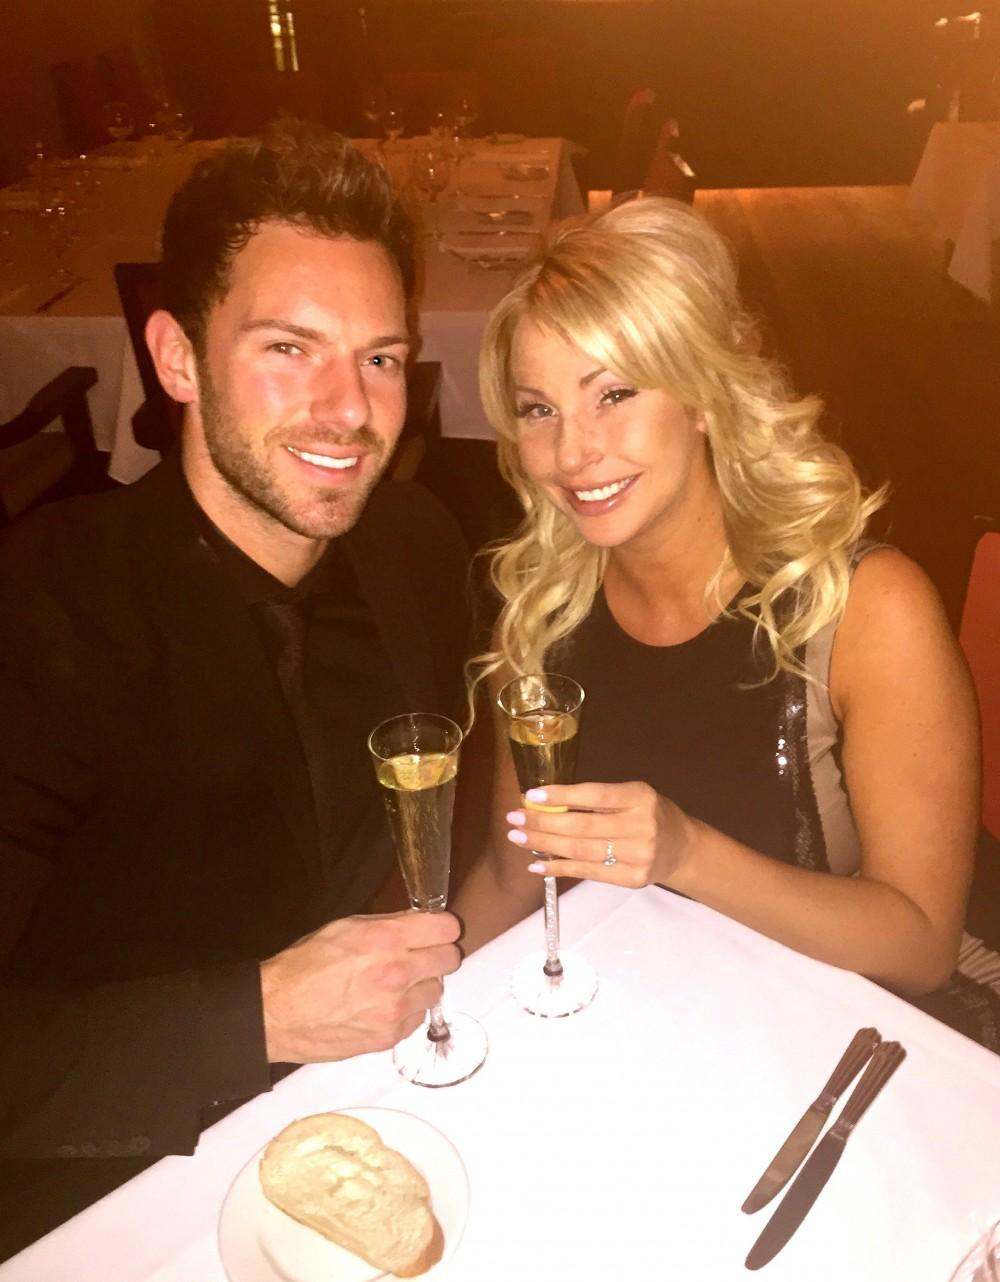 Image 4 of Kaitlyn and Brett